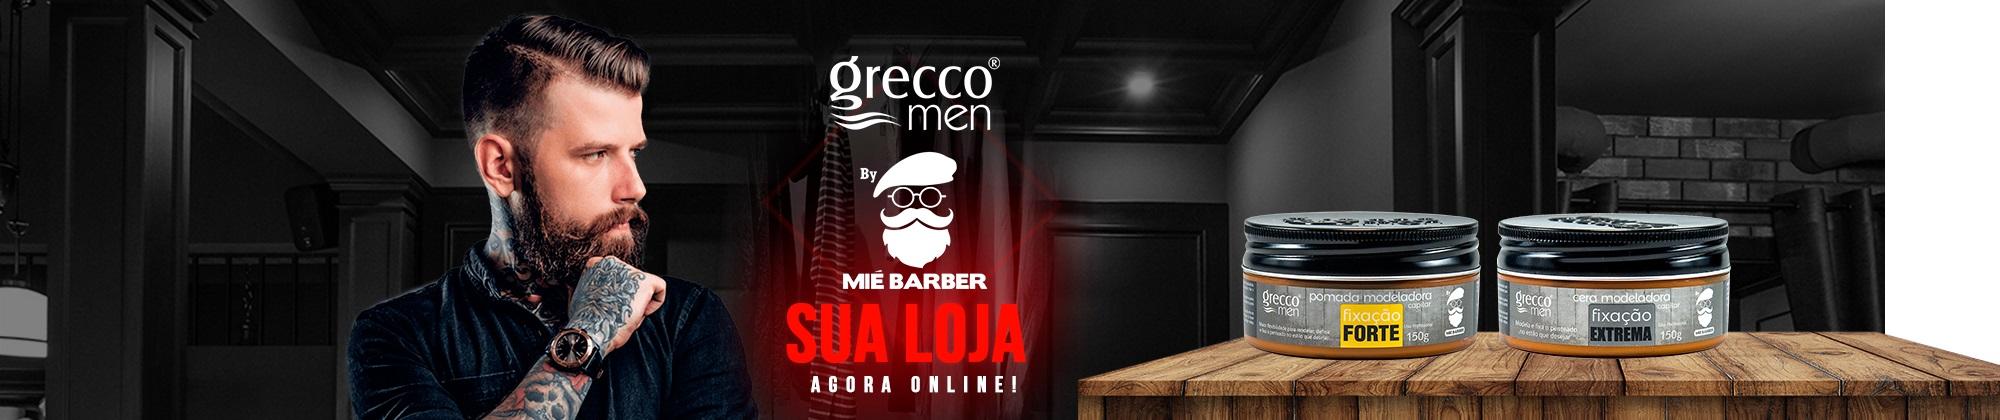 Grecco Men 04